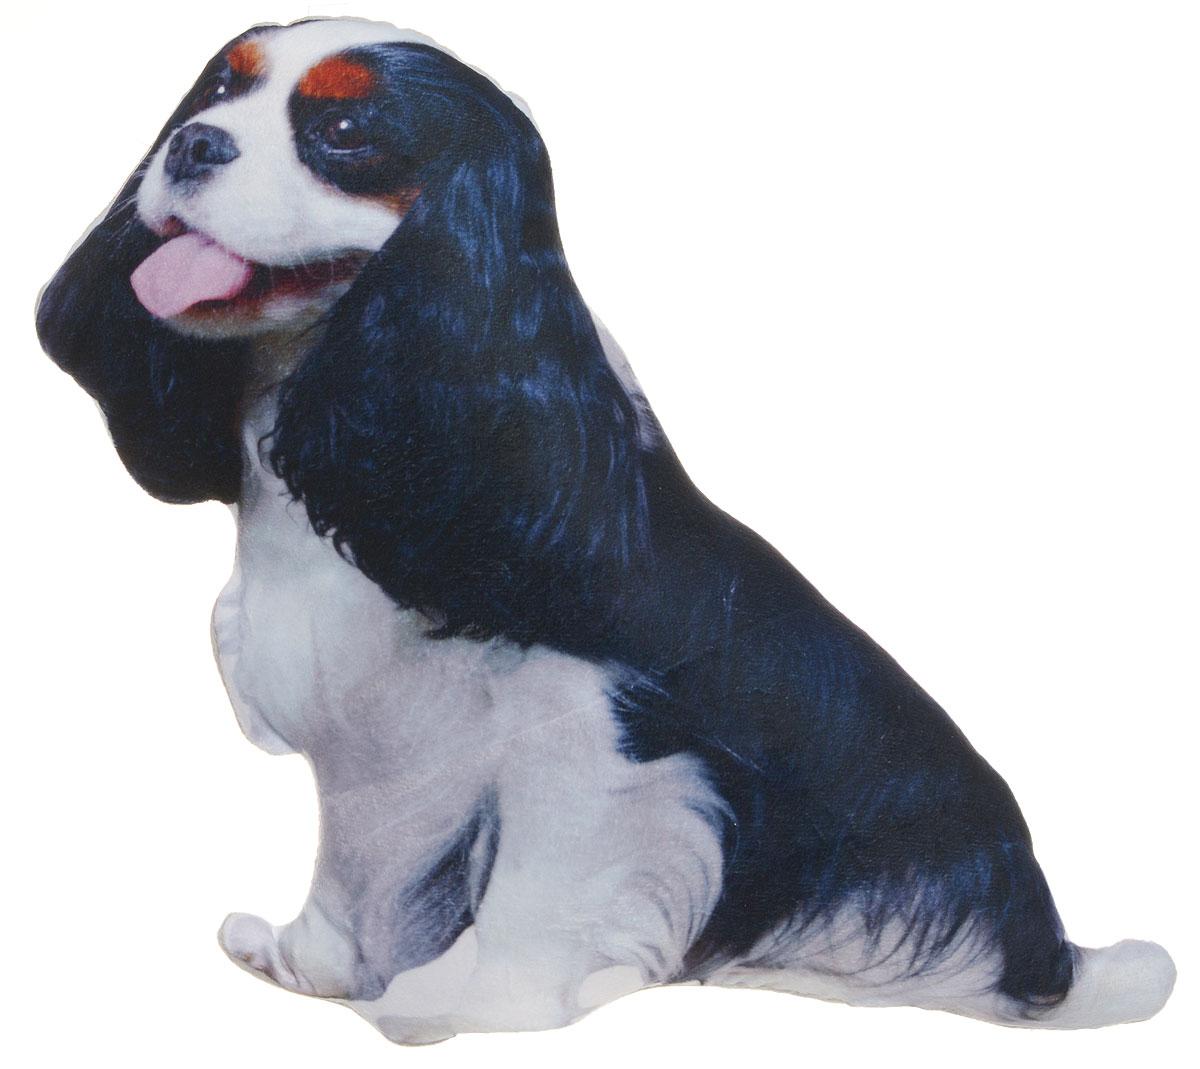 СмолТойс Мягкая игрушка-подушка Собачка 42 см